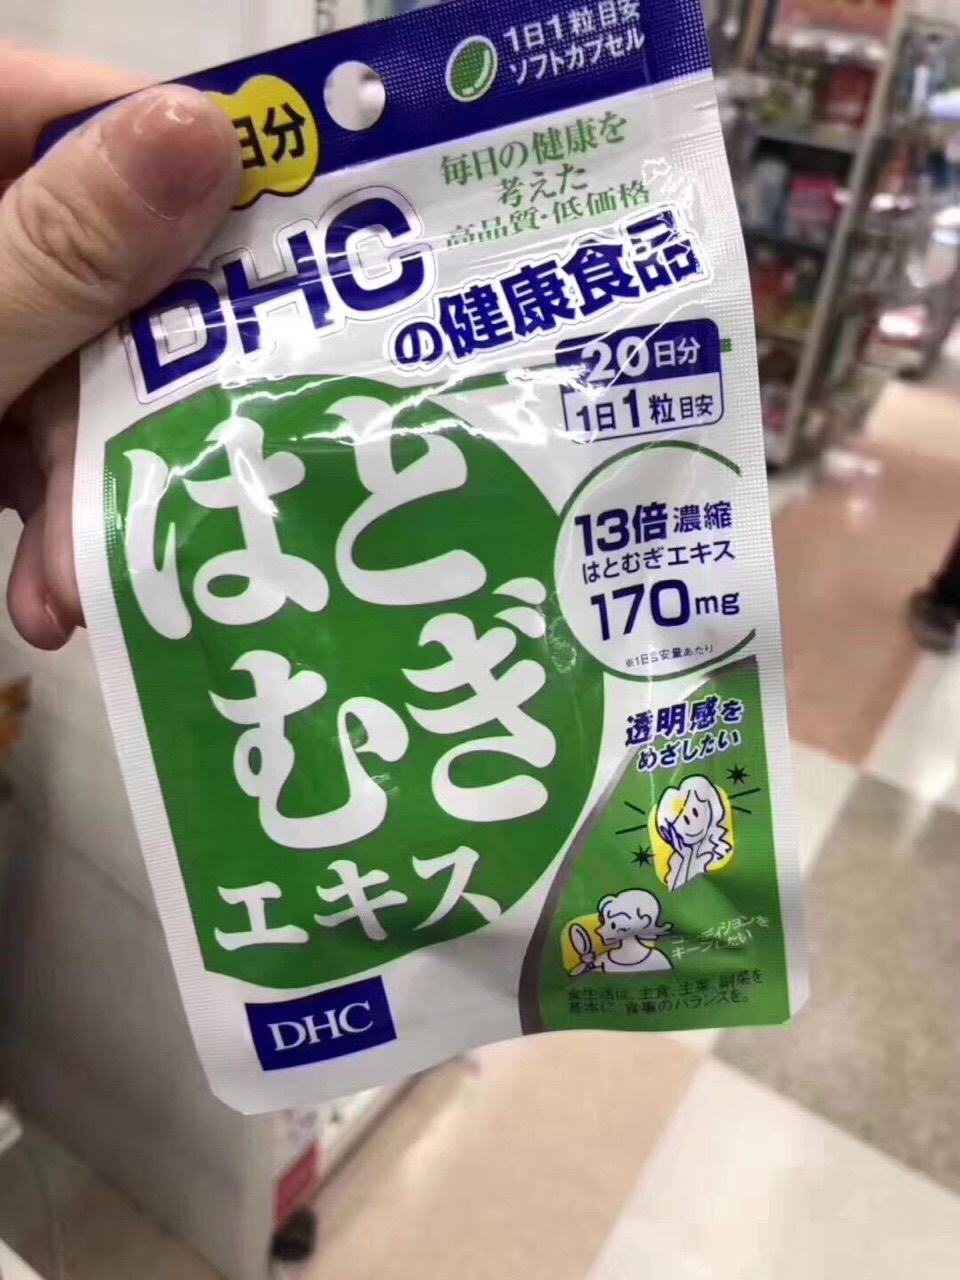 日本本土购 DHC薏仁片 薏米浓缩精华丸 20日亮白润肤排水去肿湿